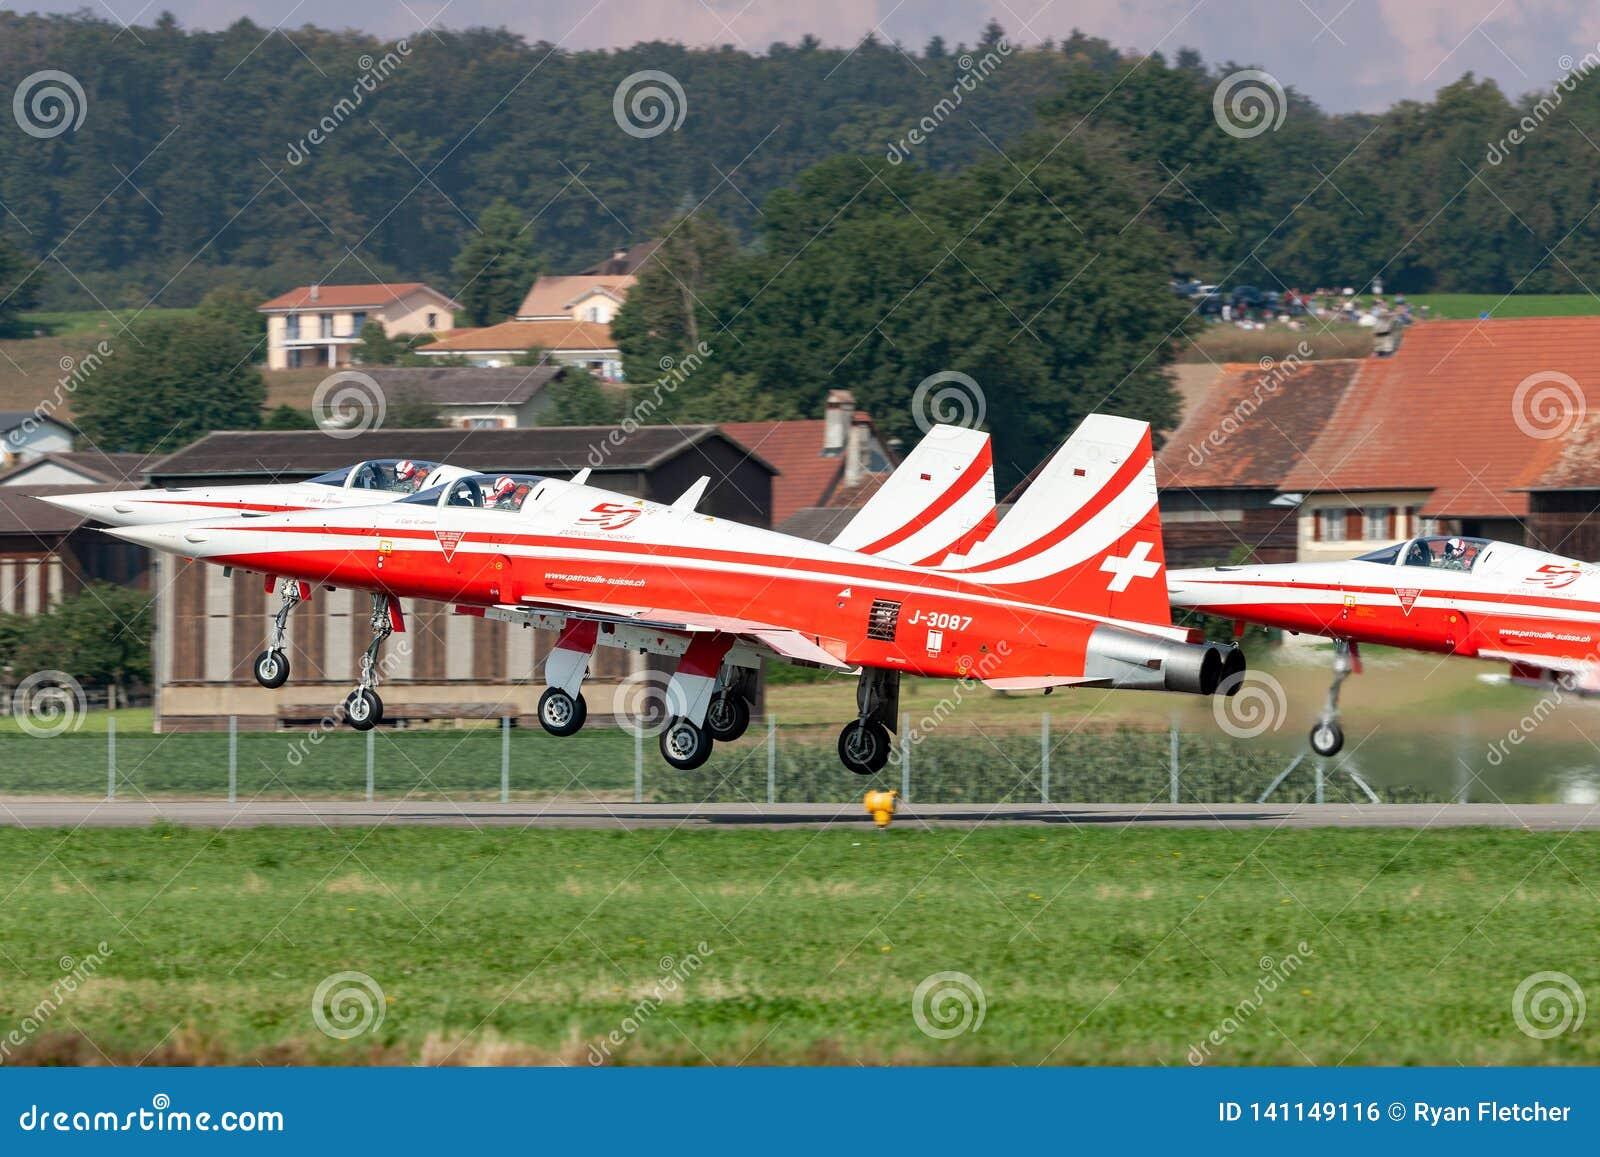 Northrop F-5E myśliwiec od Szwajcarskiej siły powietrzne formaci pokazu drużyny Patrouille Suisse